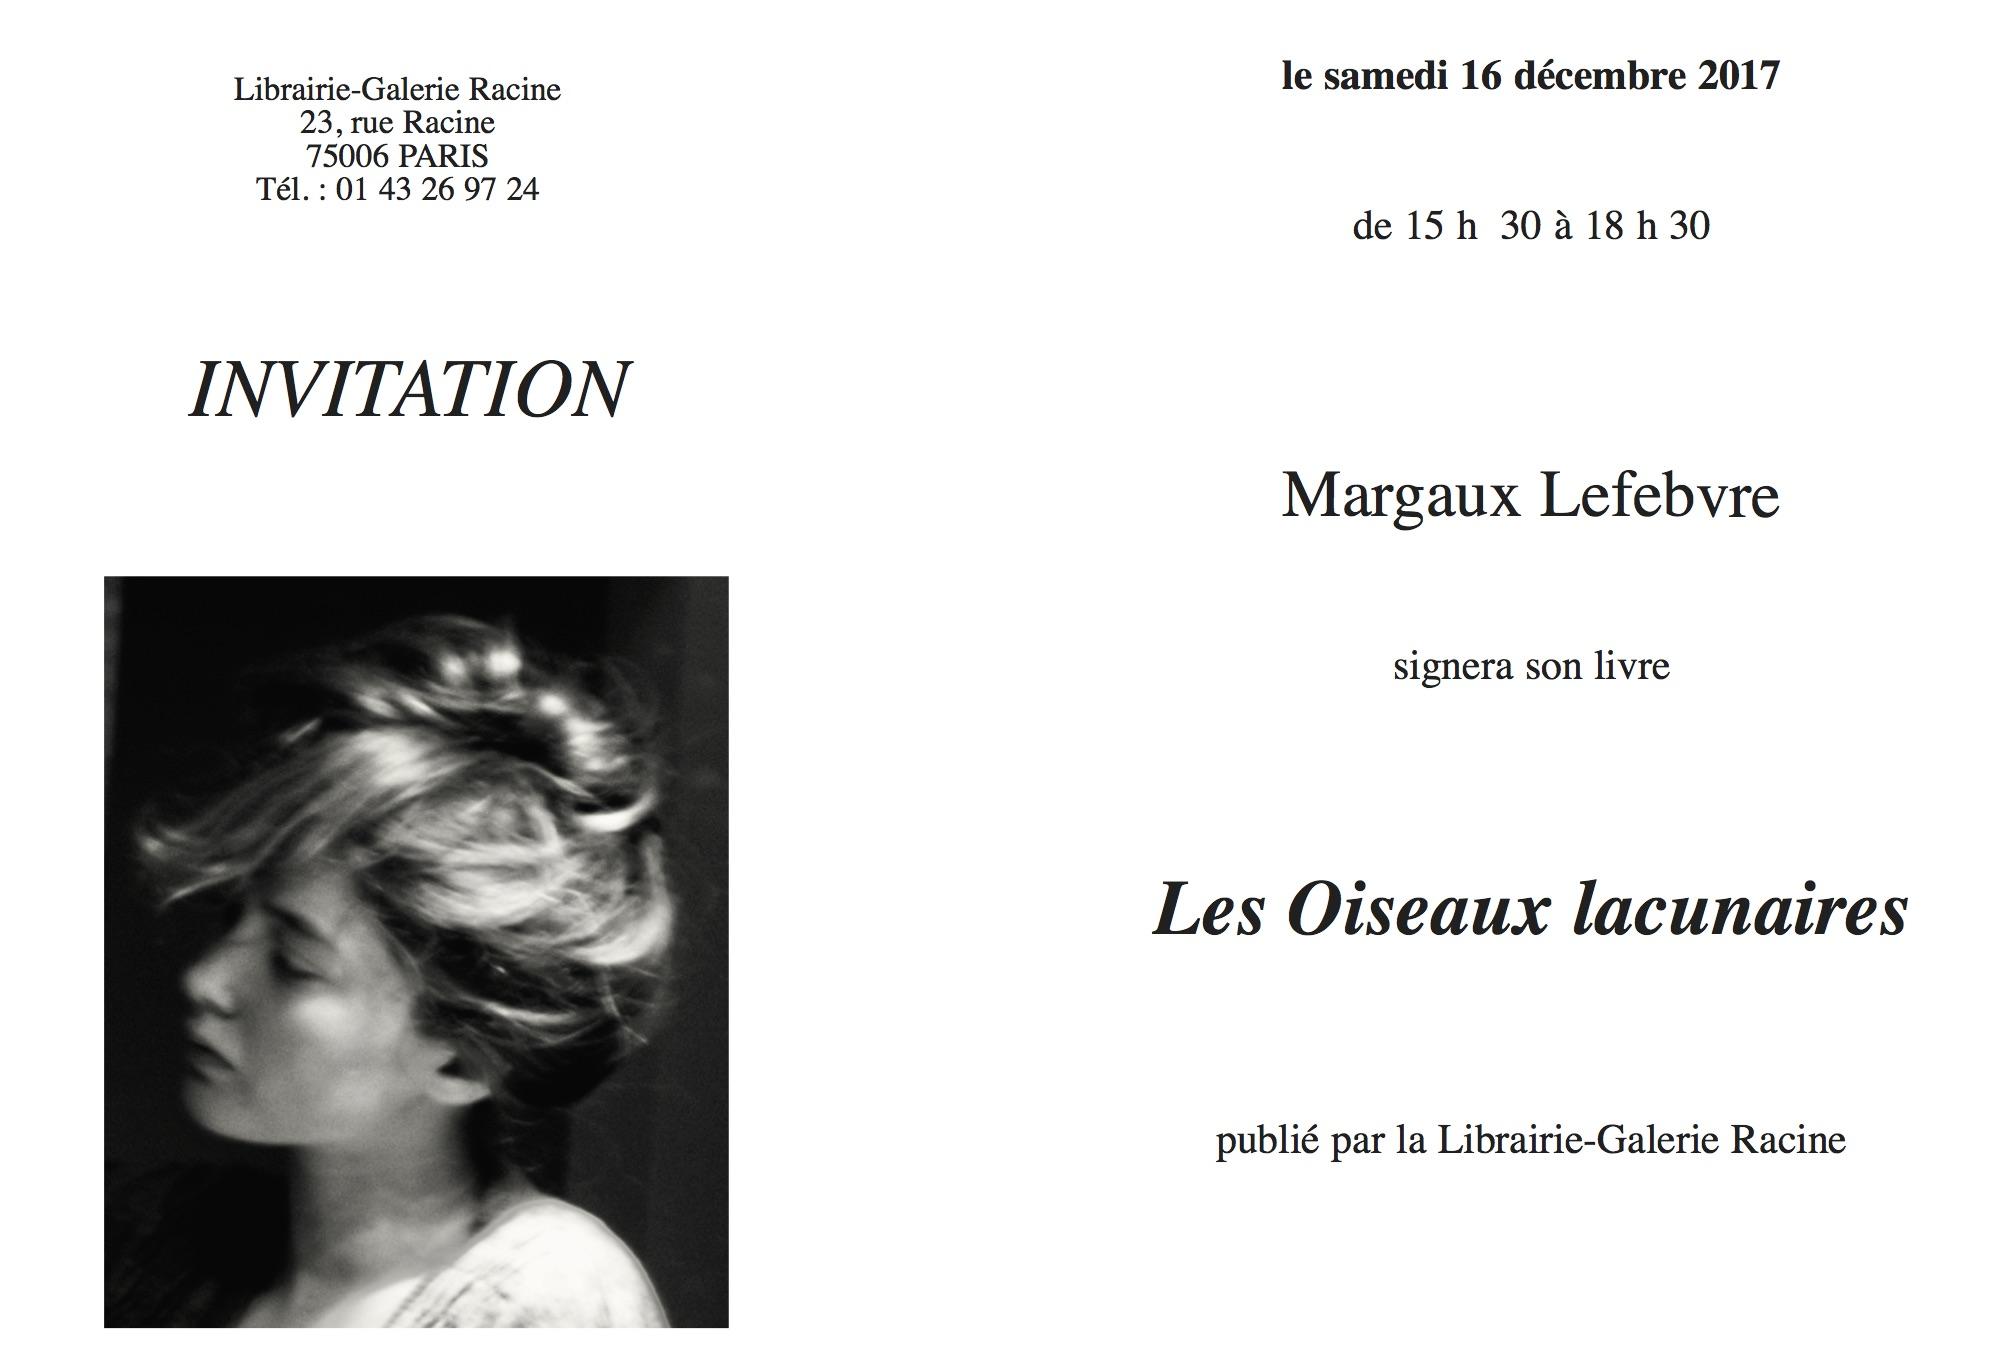 Signature Margaux LEFEBVRE - Les Oiseaux lacunaires